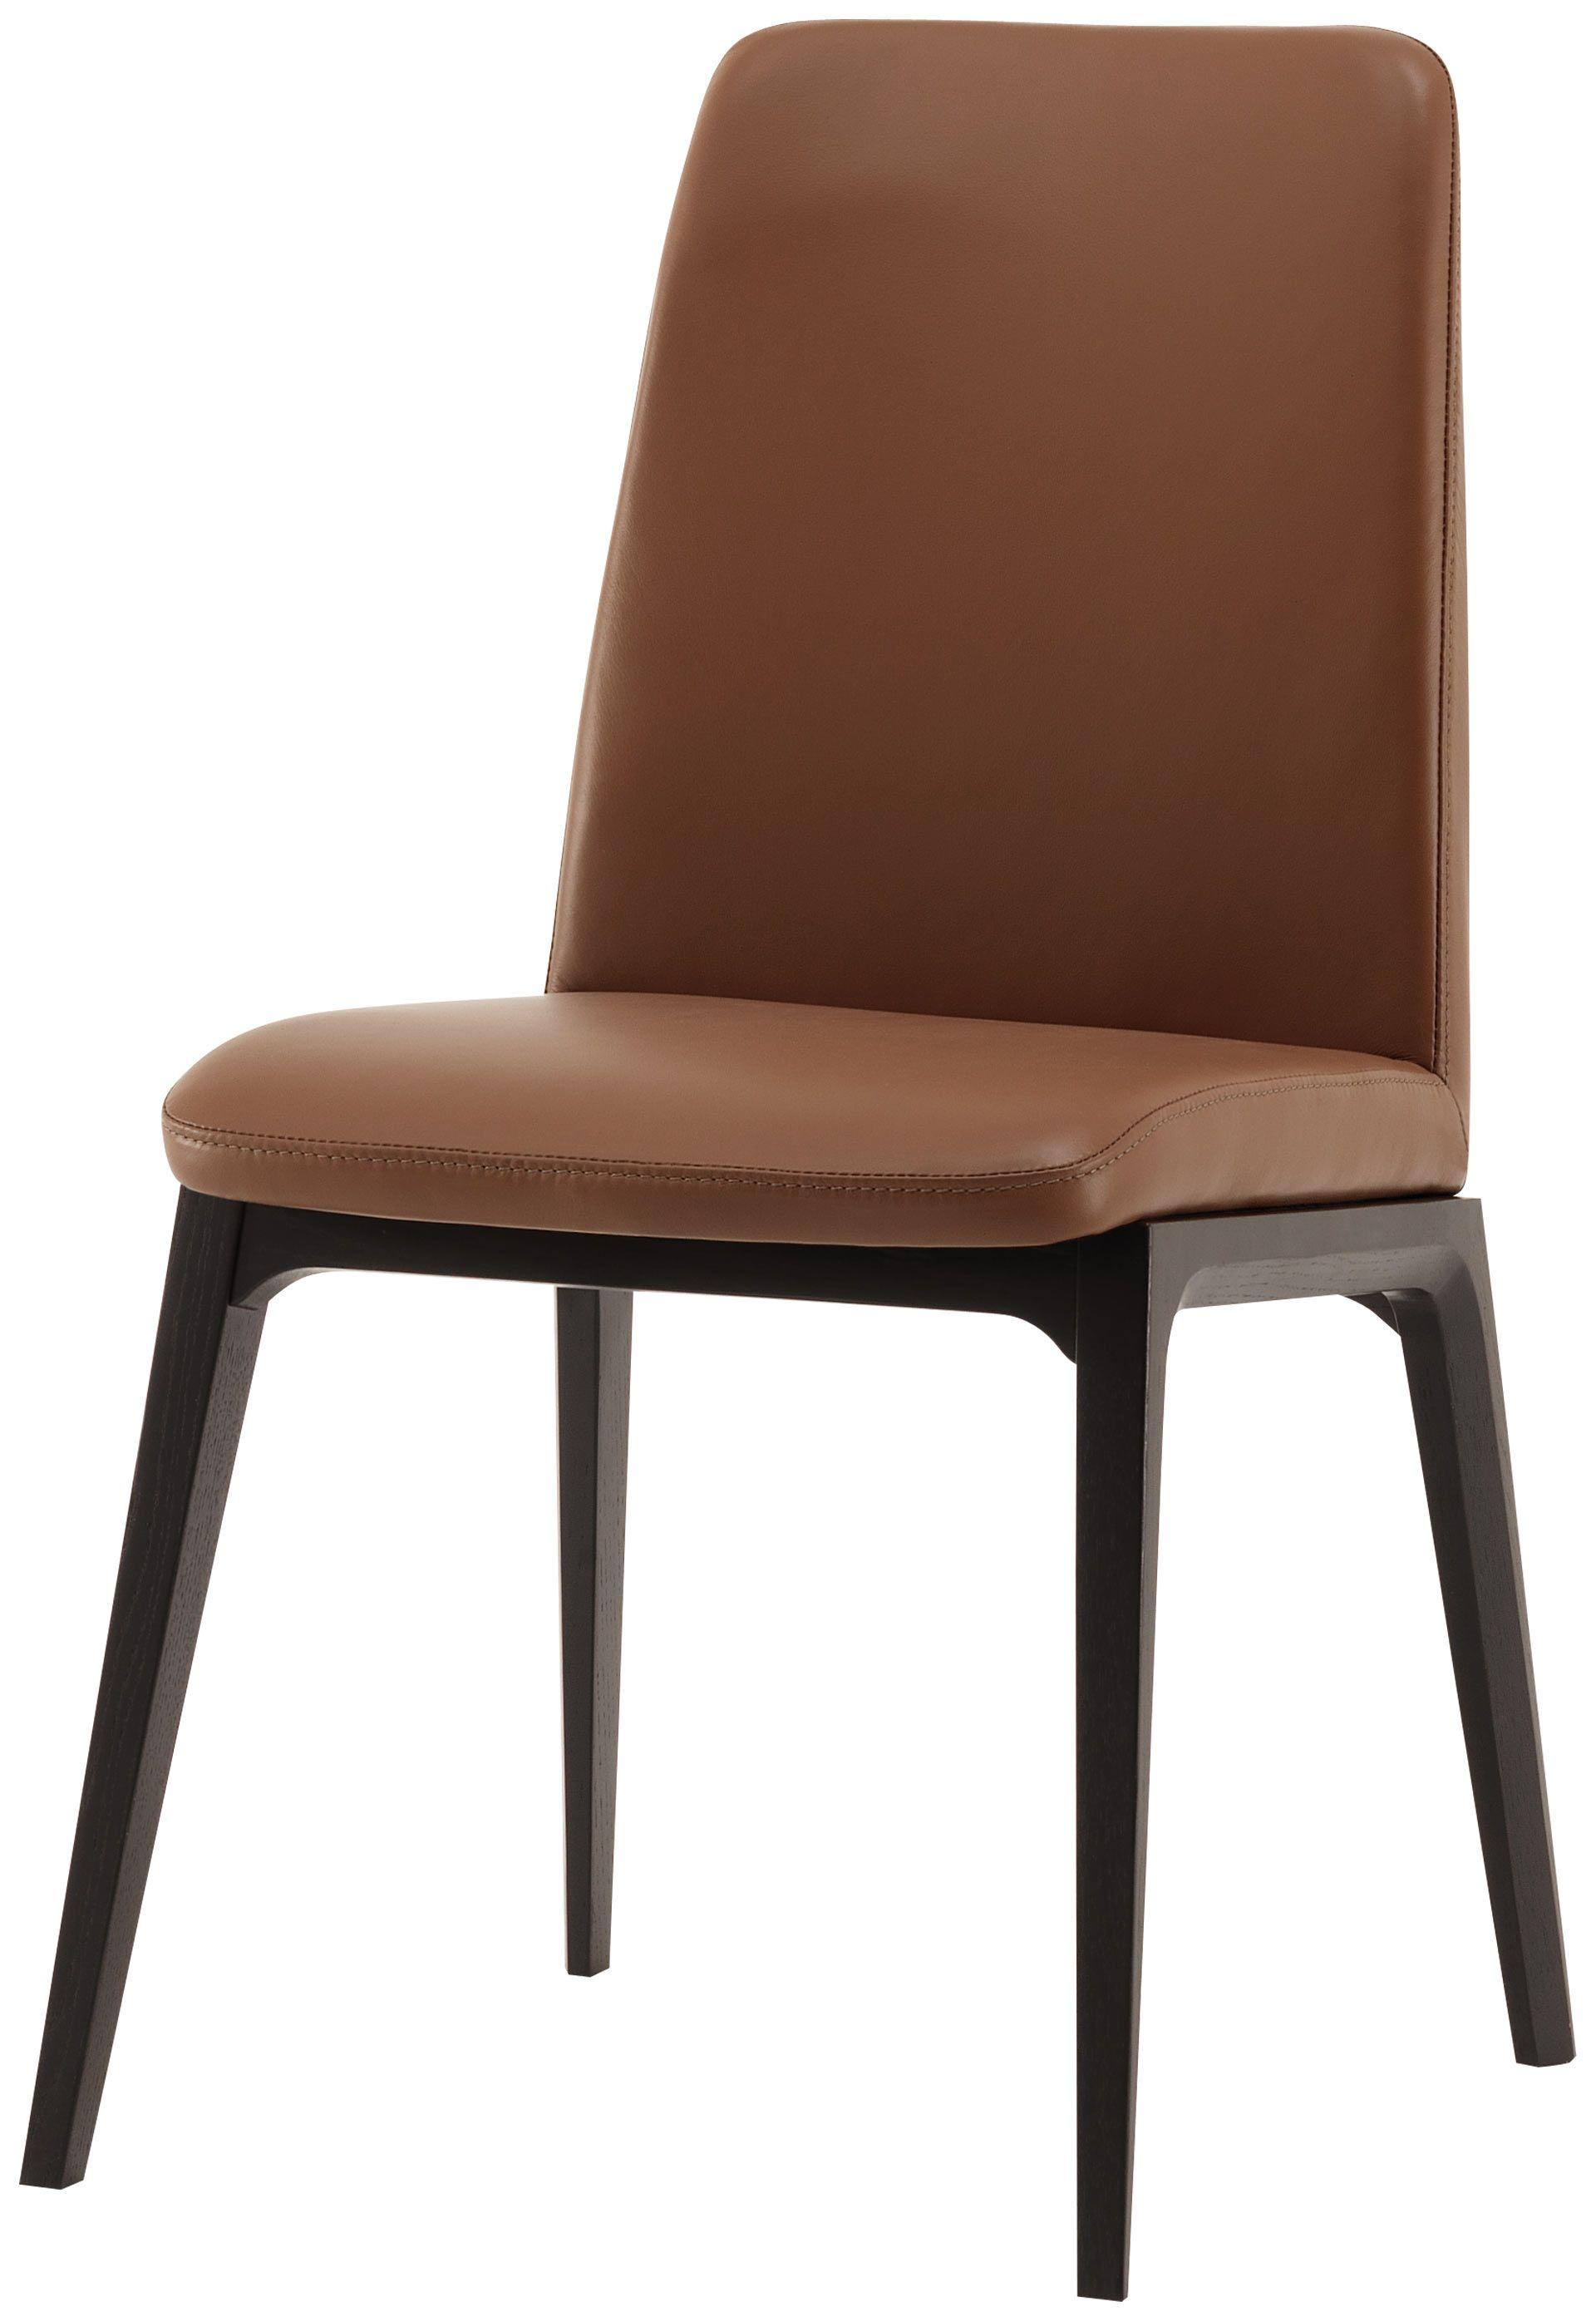 Chaises Design Pour Votre Salle A Manger Boconcept Mobilier